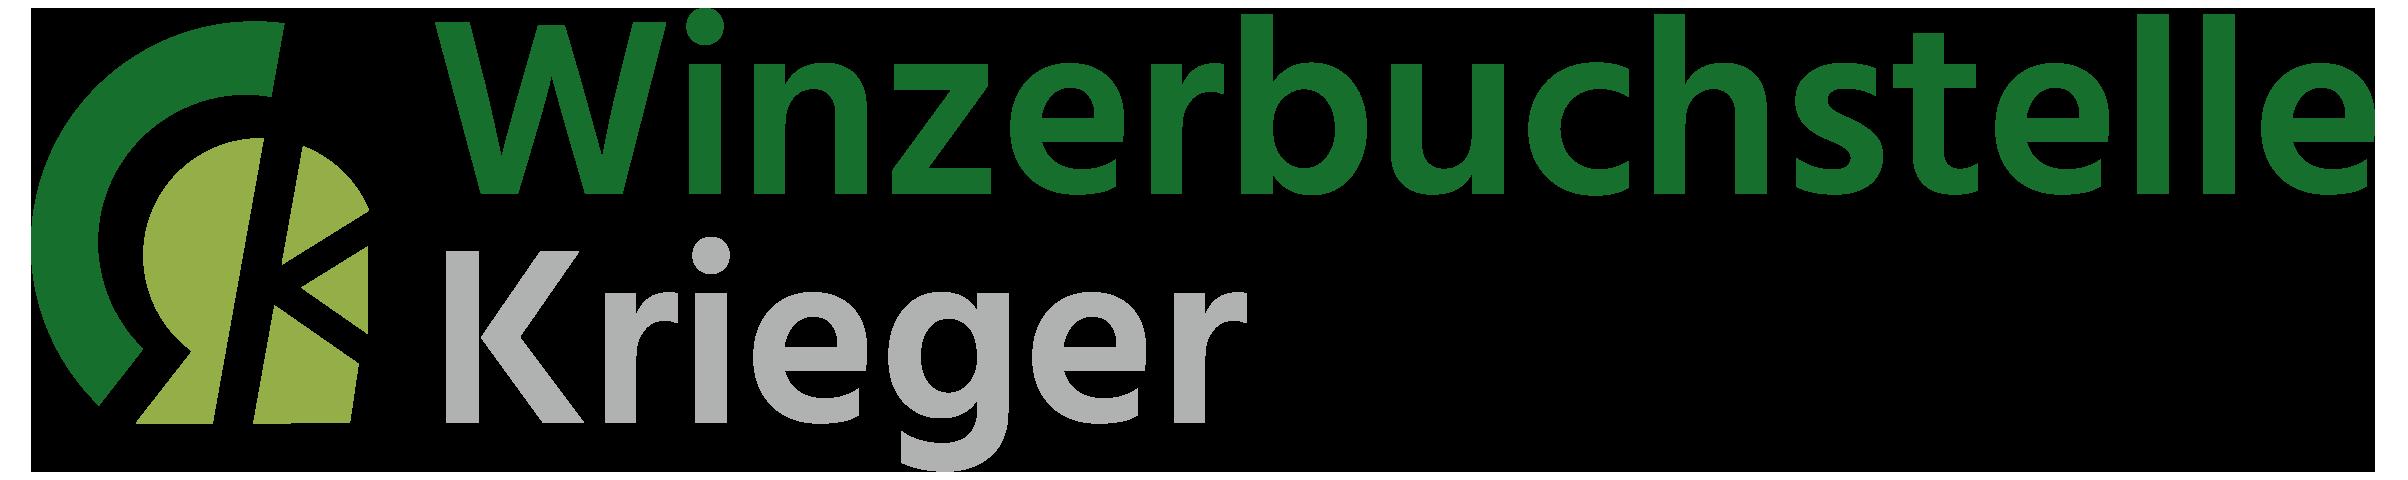 Winzerbuchstelle Krieger